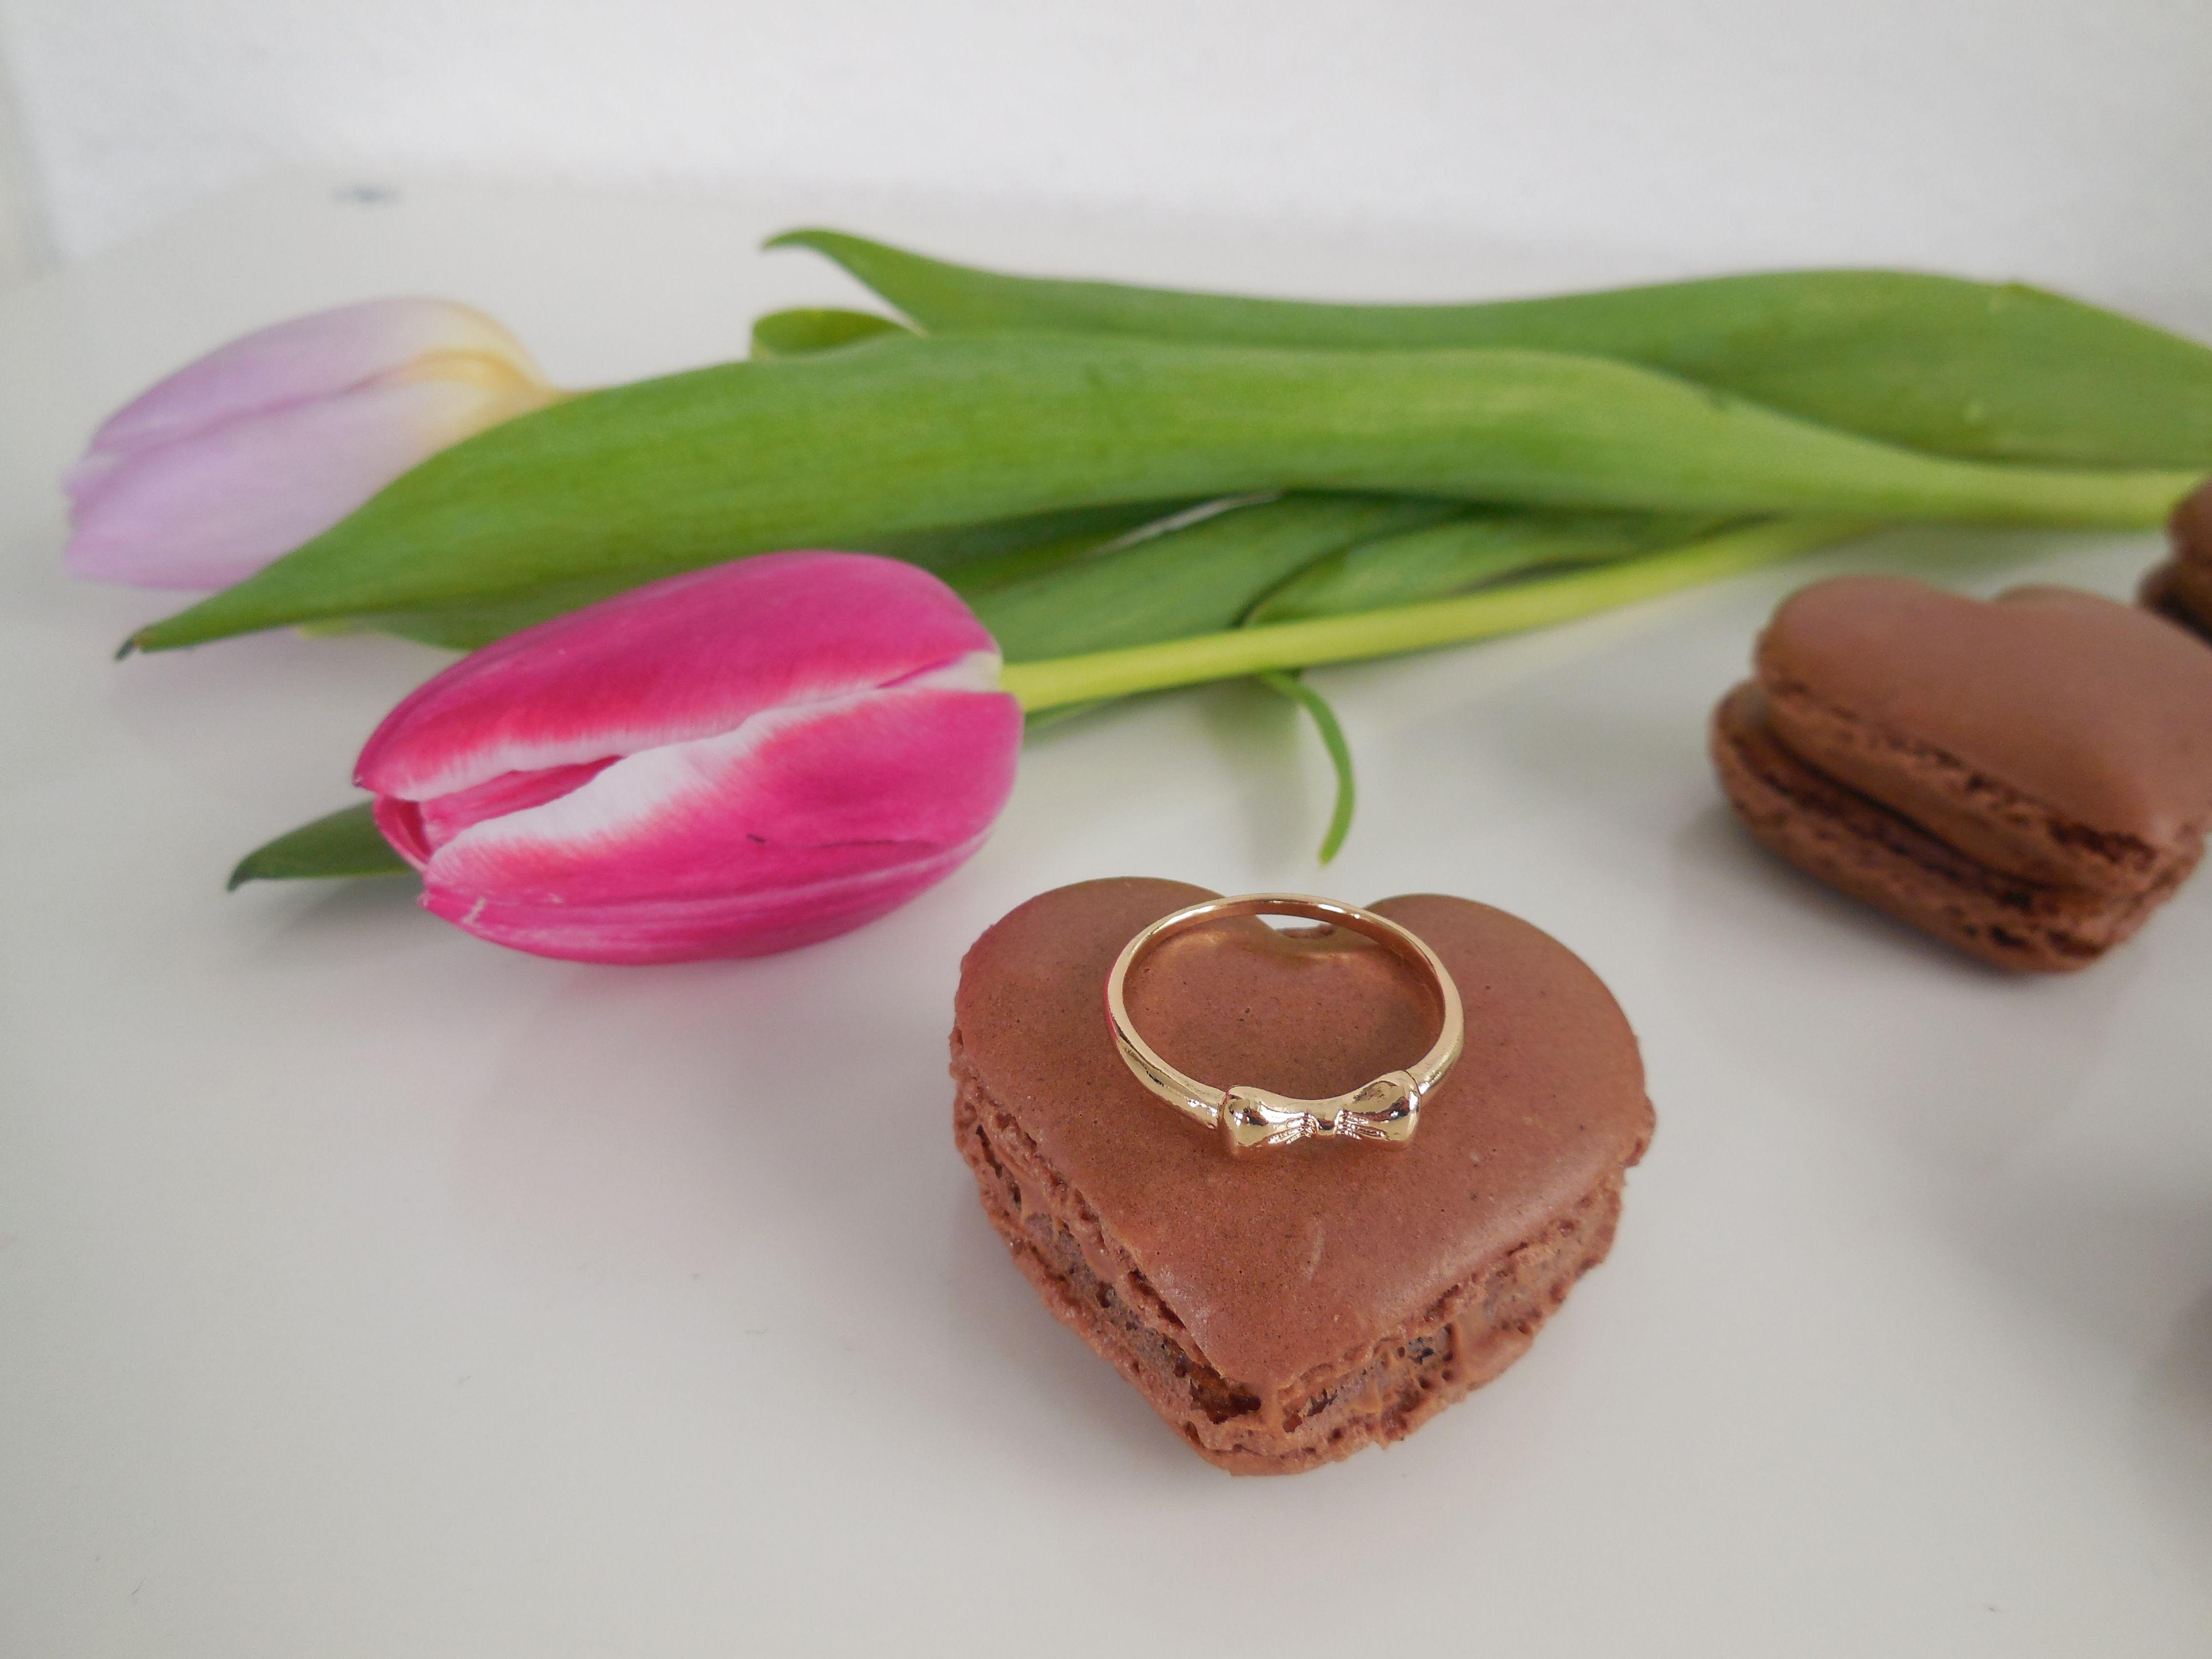 Herz-Macarons, Macarons au chocolat